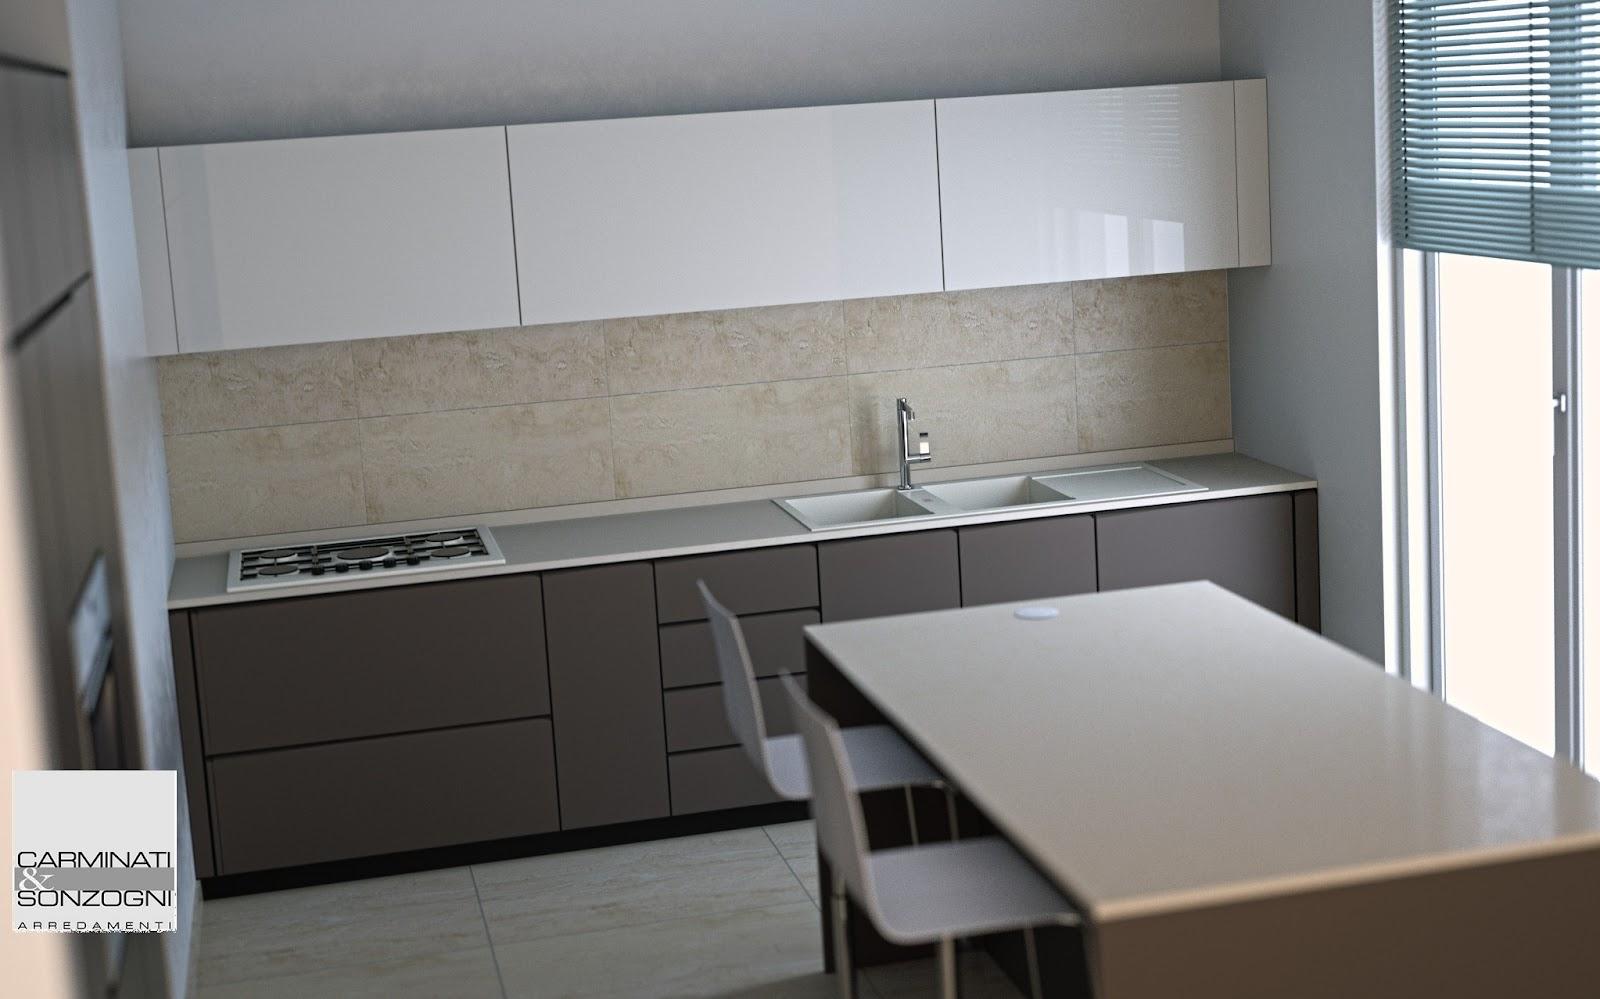 Cucine la casa moderna carminati e sonzognicarminati e for Outlet arredamenti villa d agri